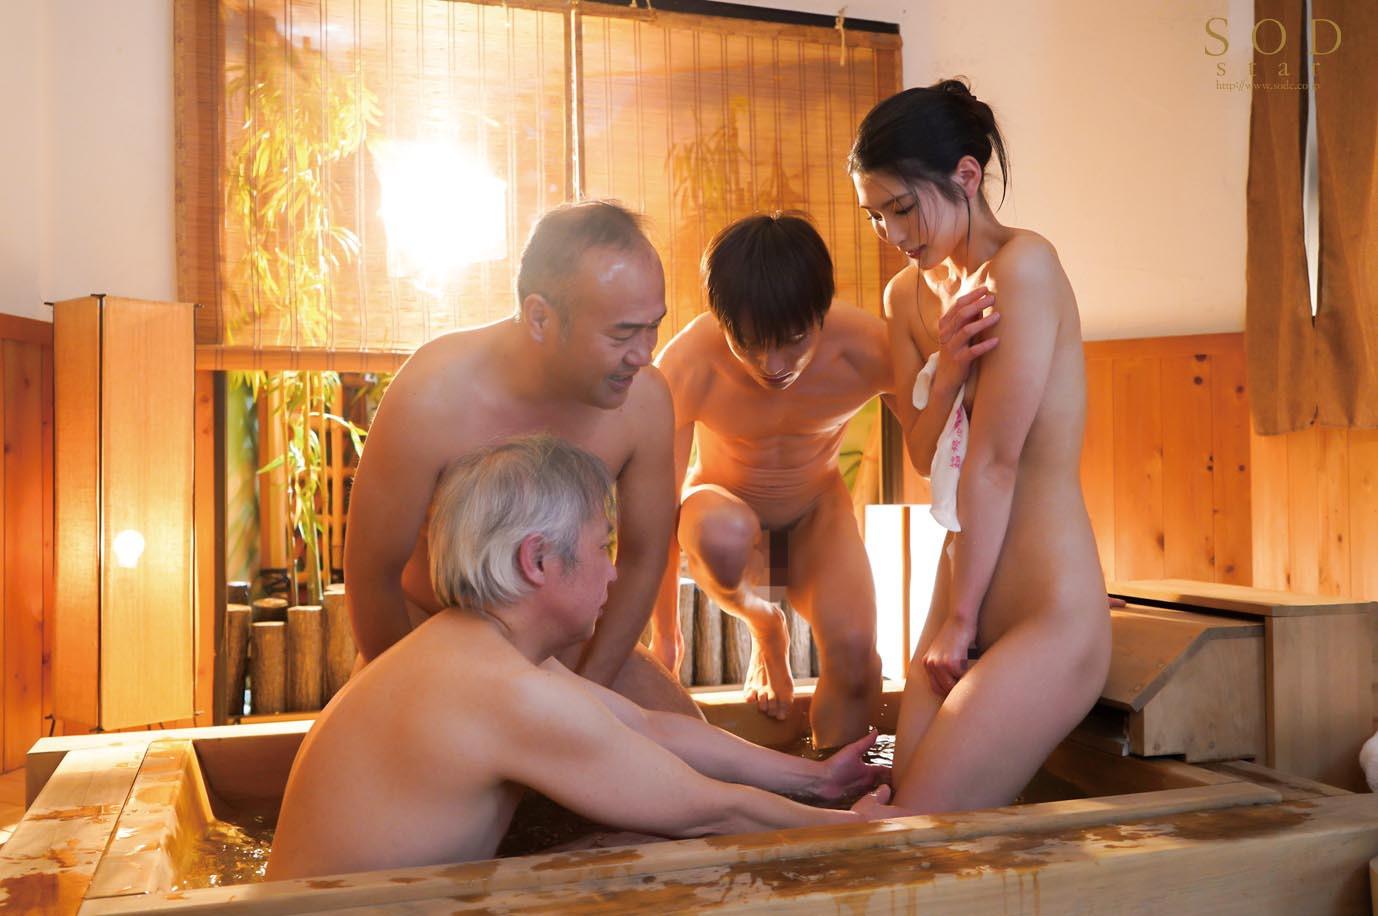 混浴社員旅行NTR 温泉好きな会社の先輩たちと、貸切家族風呂に行ったら僕の妻が滅茶苦茶に犯されてしまいました・・・。 本庄鈴 画像3